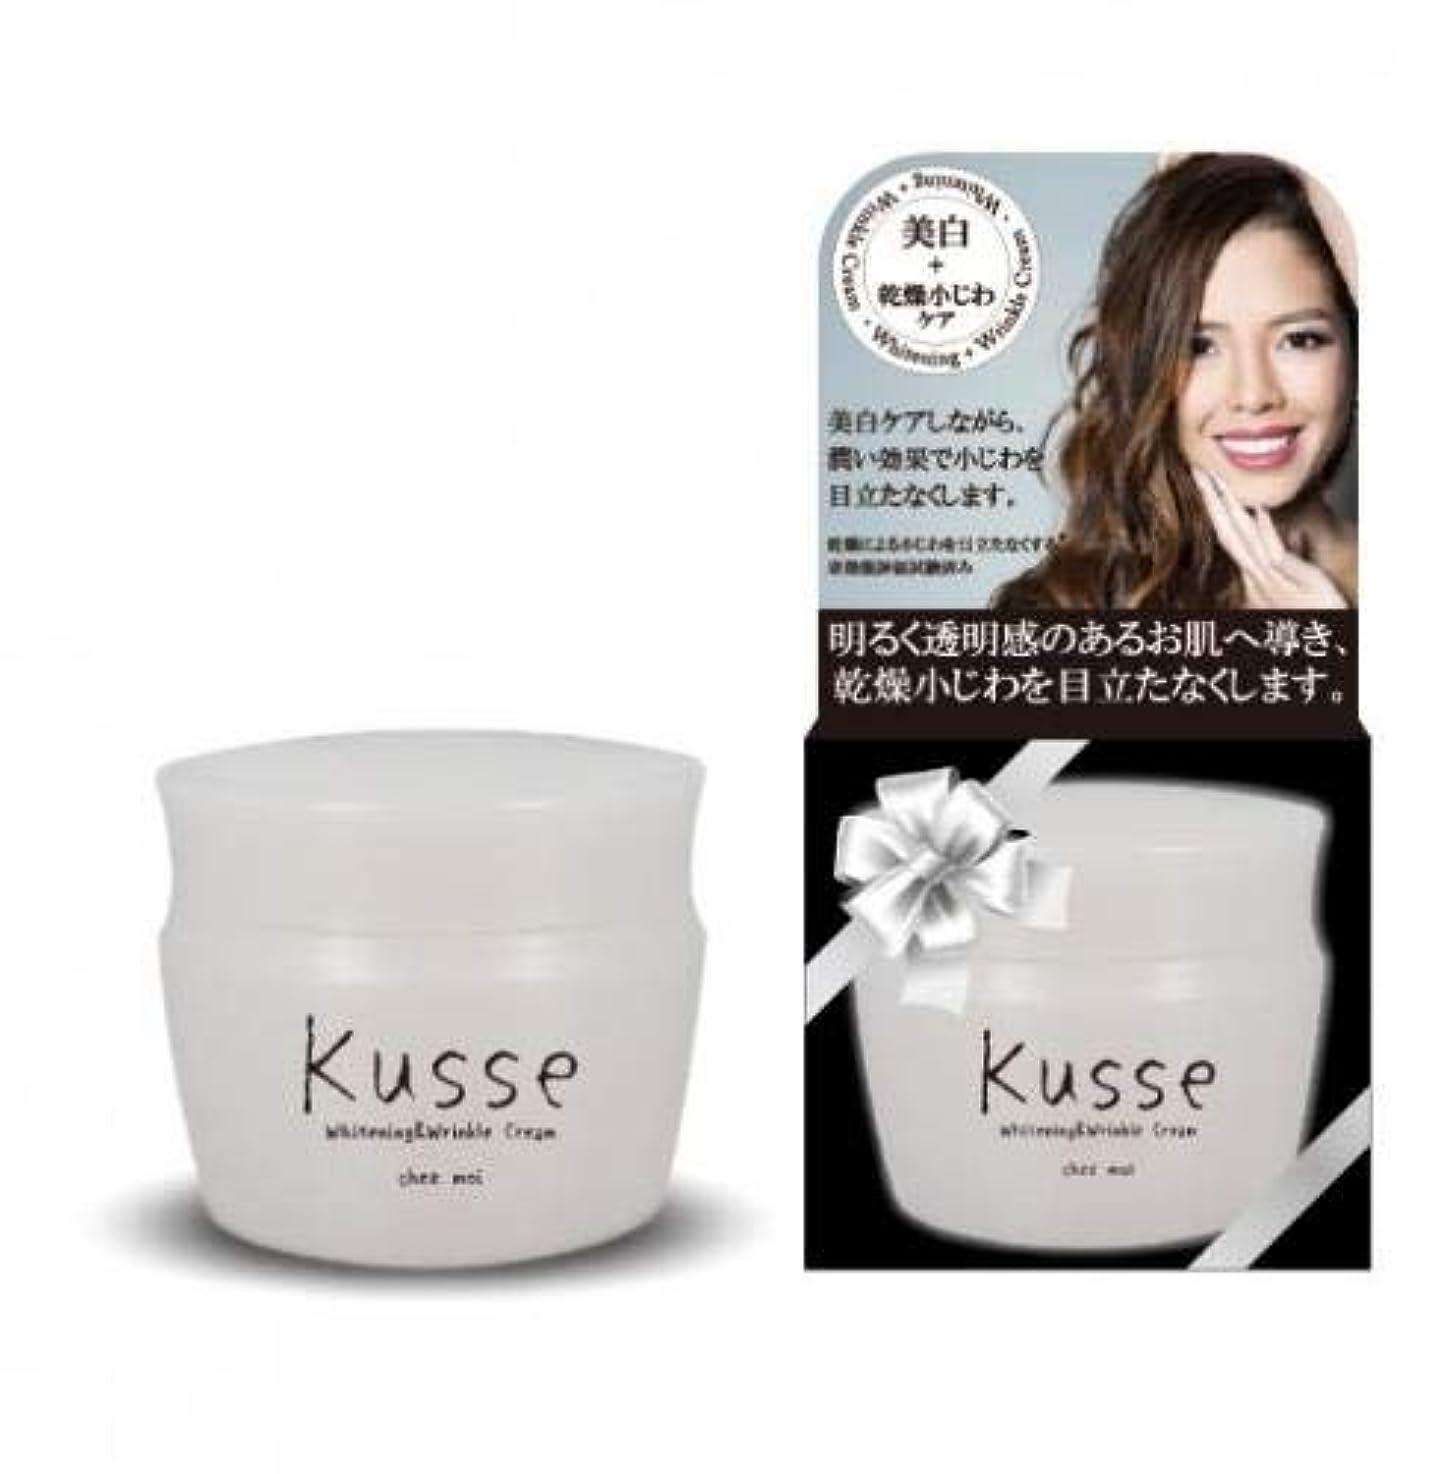 剥離マーチャンダイザー克服するシェモア 薬用 Kusse(キュセ) Whitening&Wrinkle Cream クリーム 30g